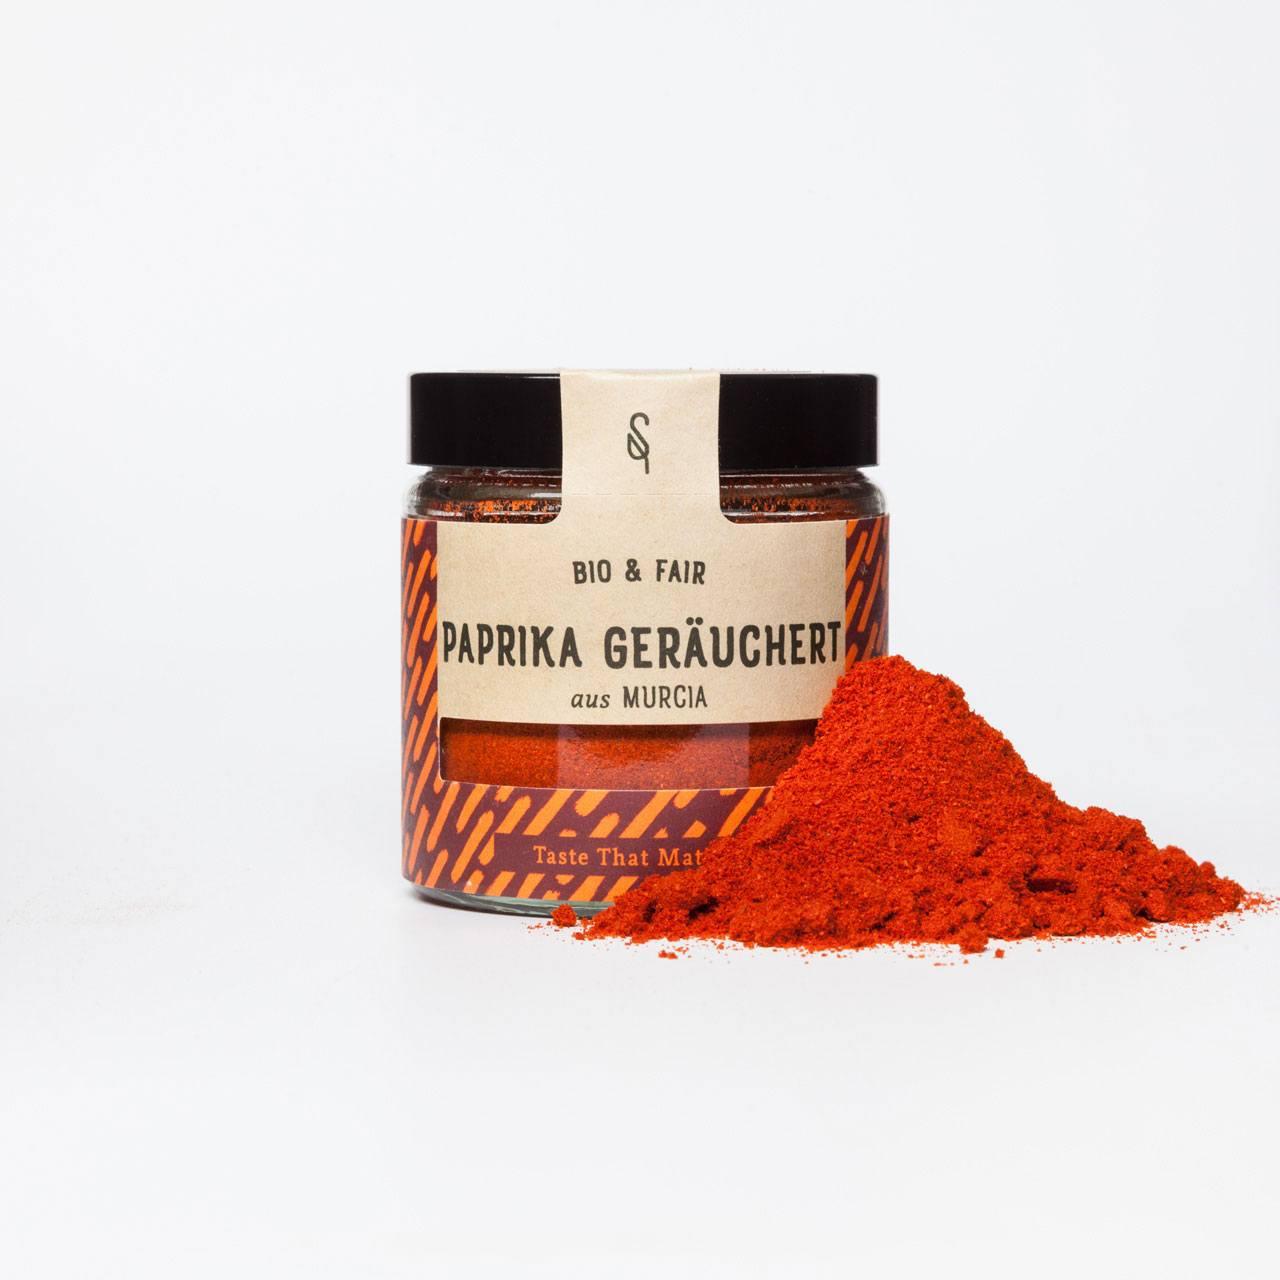 Paprika geräuchert SoulSpice